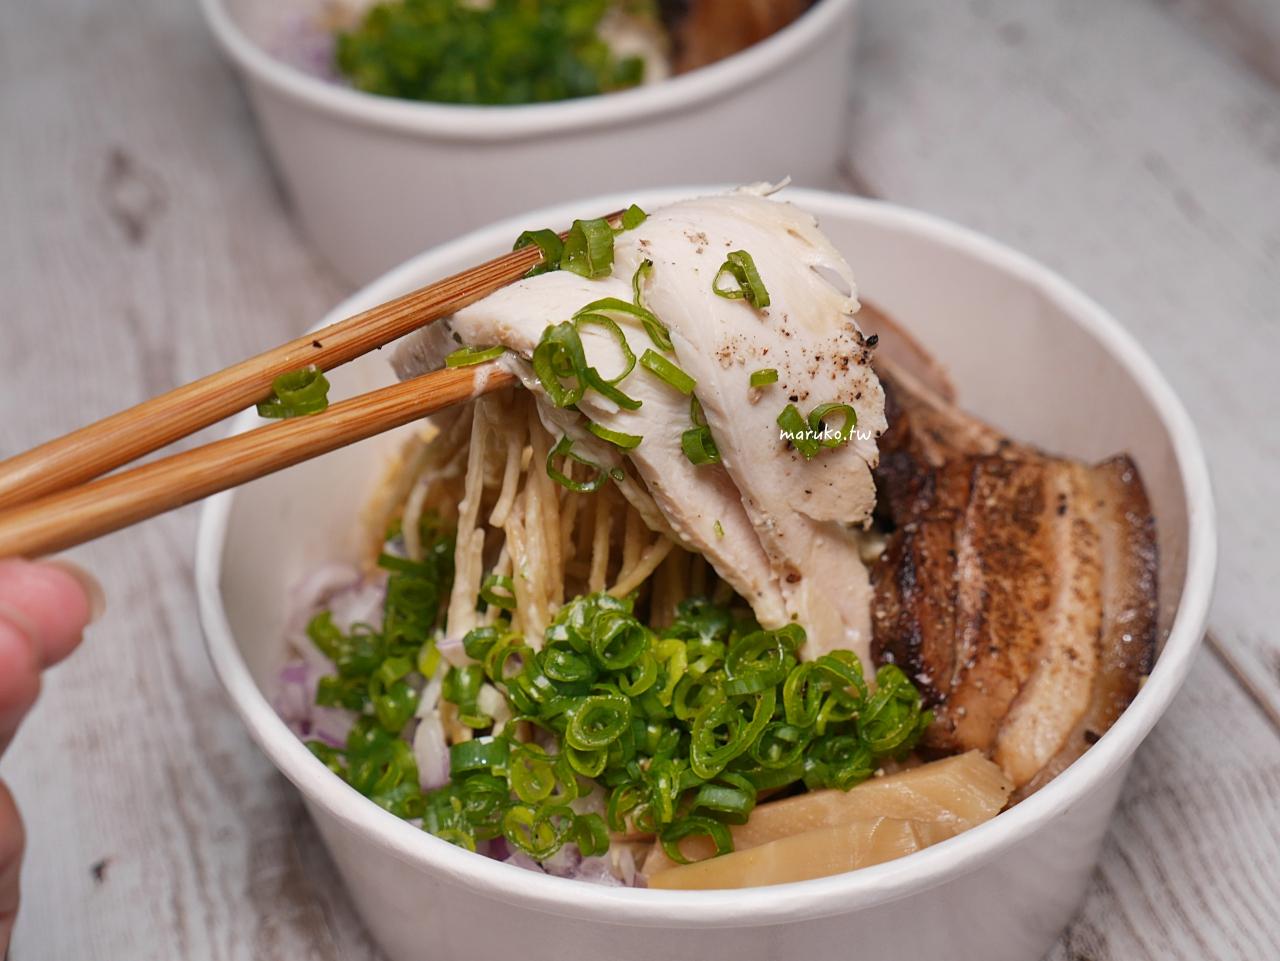 【台北】真劍拉麵 隱藏在巷弄內的人氣拉麵 滿腹叉燒拌麵 免排隊外帶限定 師大美食